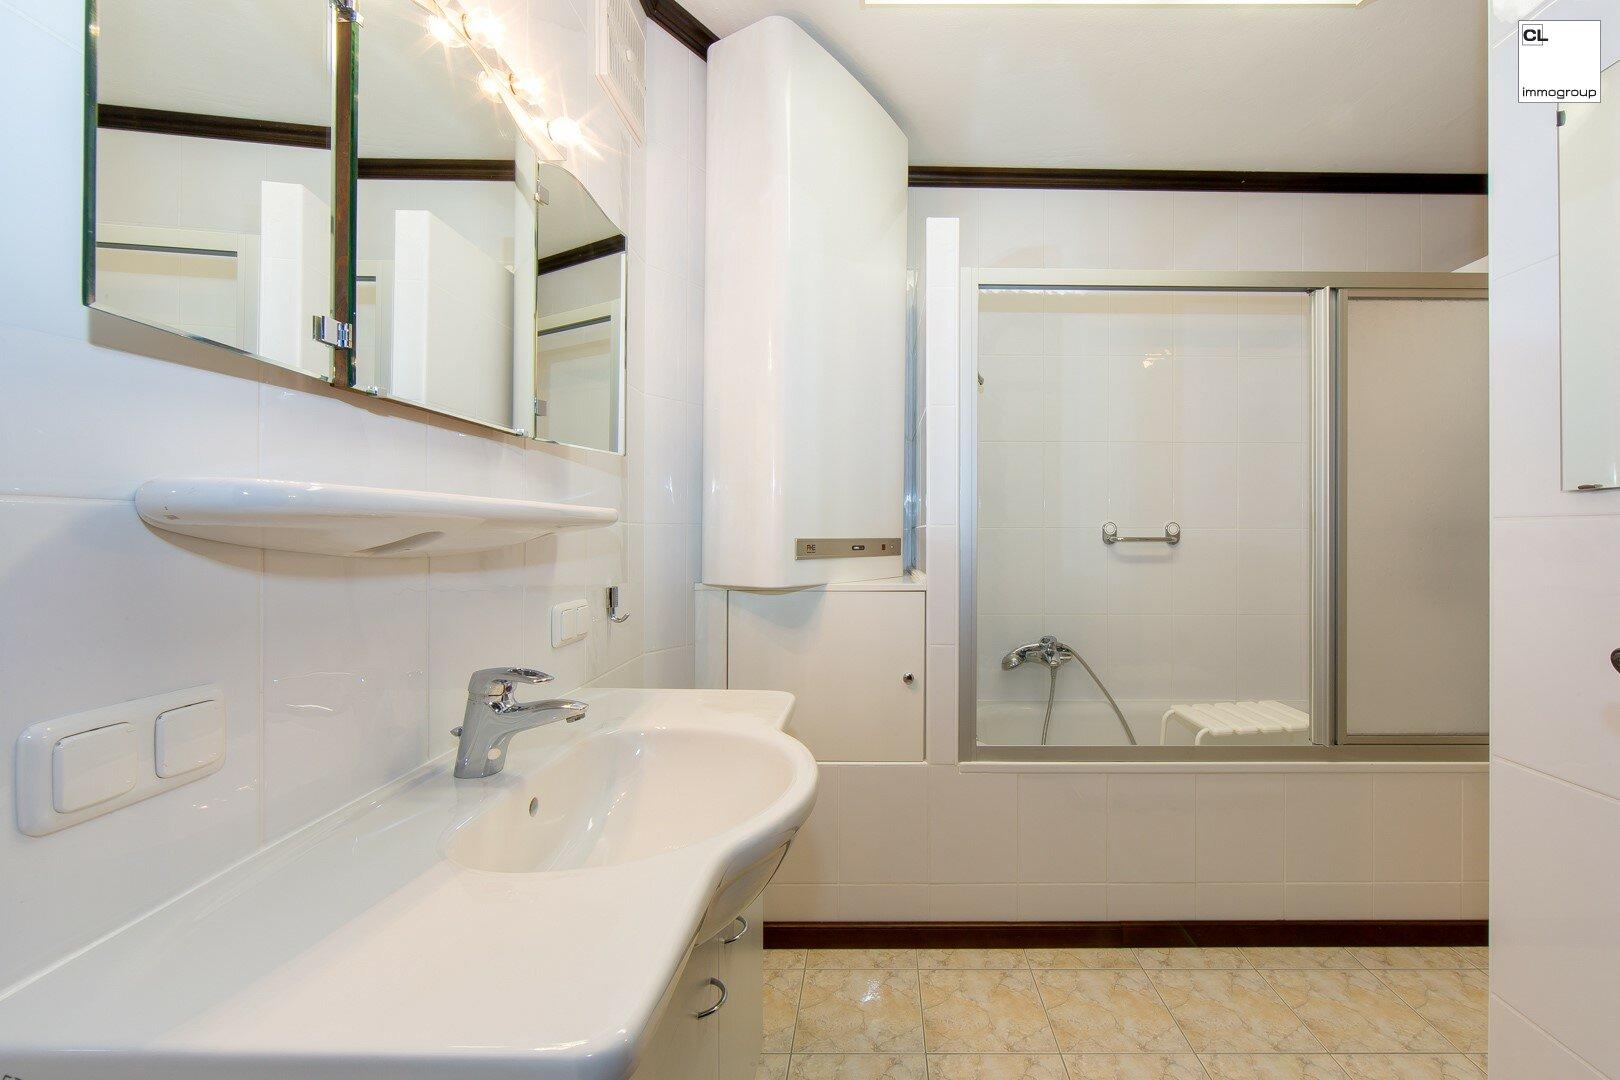 Bad mit Badewanne und gemeinsamer Dusche